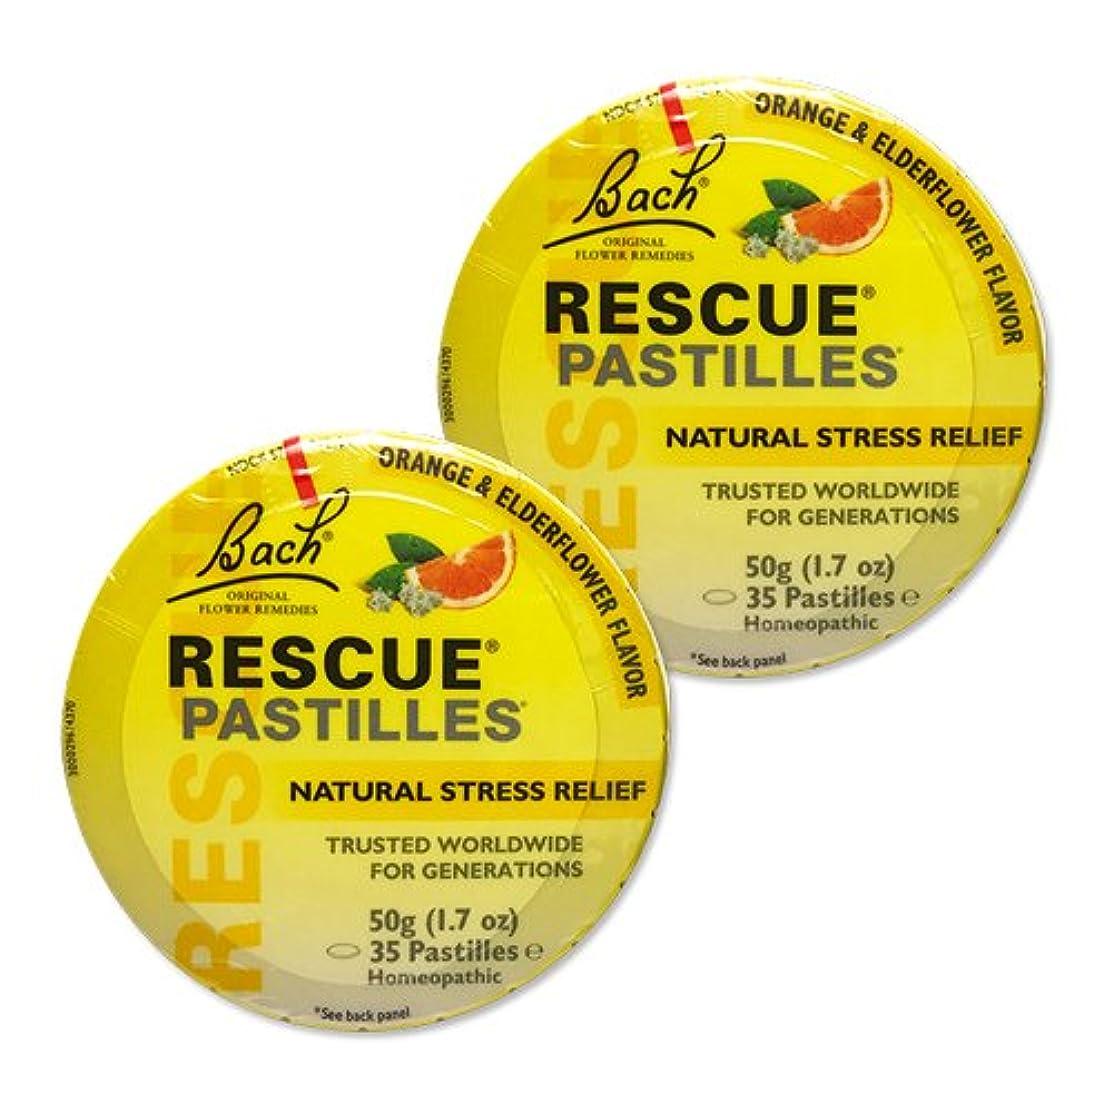 貨物視力円形の【2個セット】 [海外直送品]バッチフラワー レスキューレメディー パステル(オレンジ) Rescue Pastilles: For Occasional...